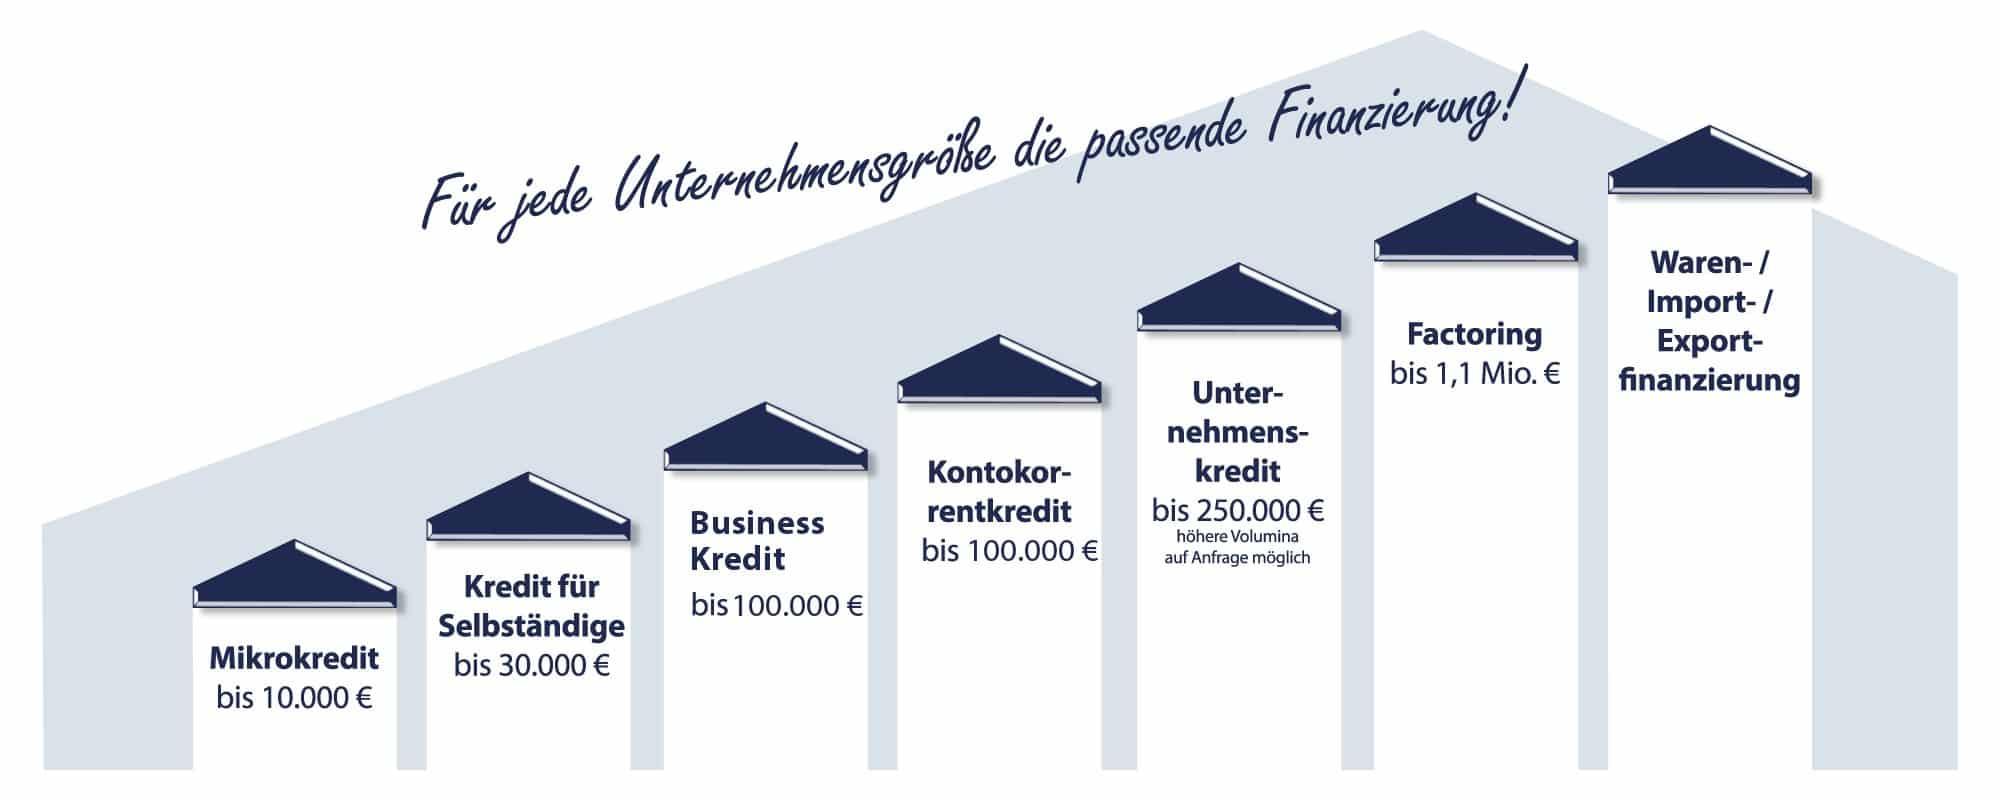 Firmenfinanzierung